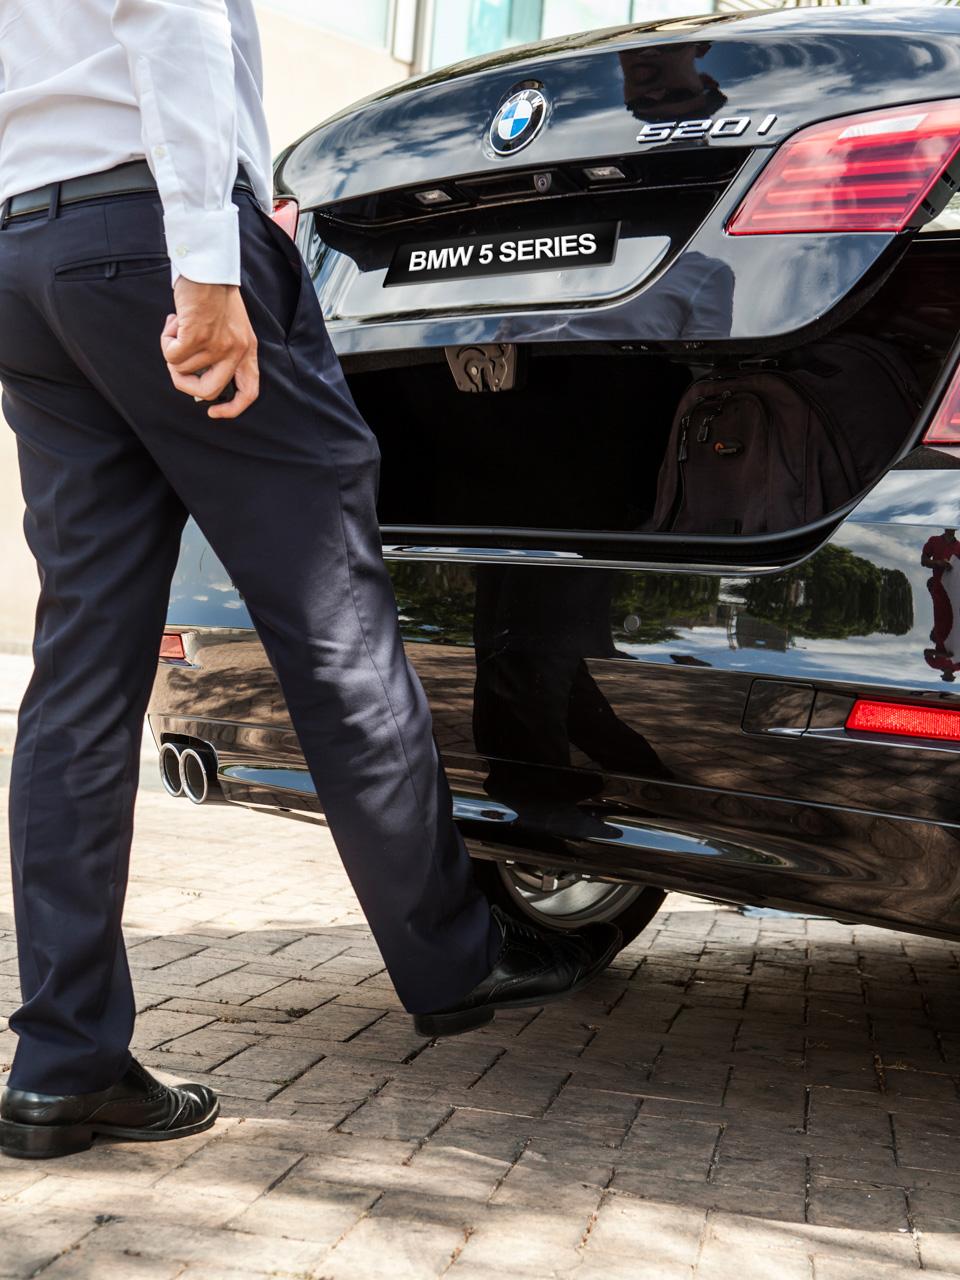 BMW-520i-Special-Edition-6.jpg